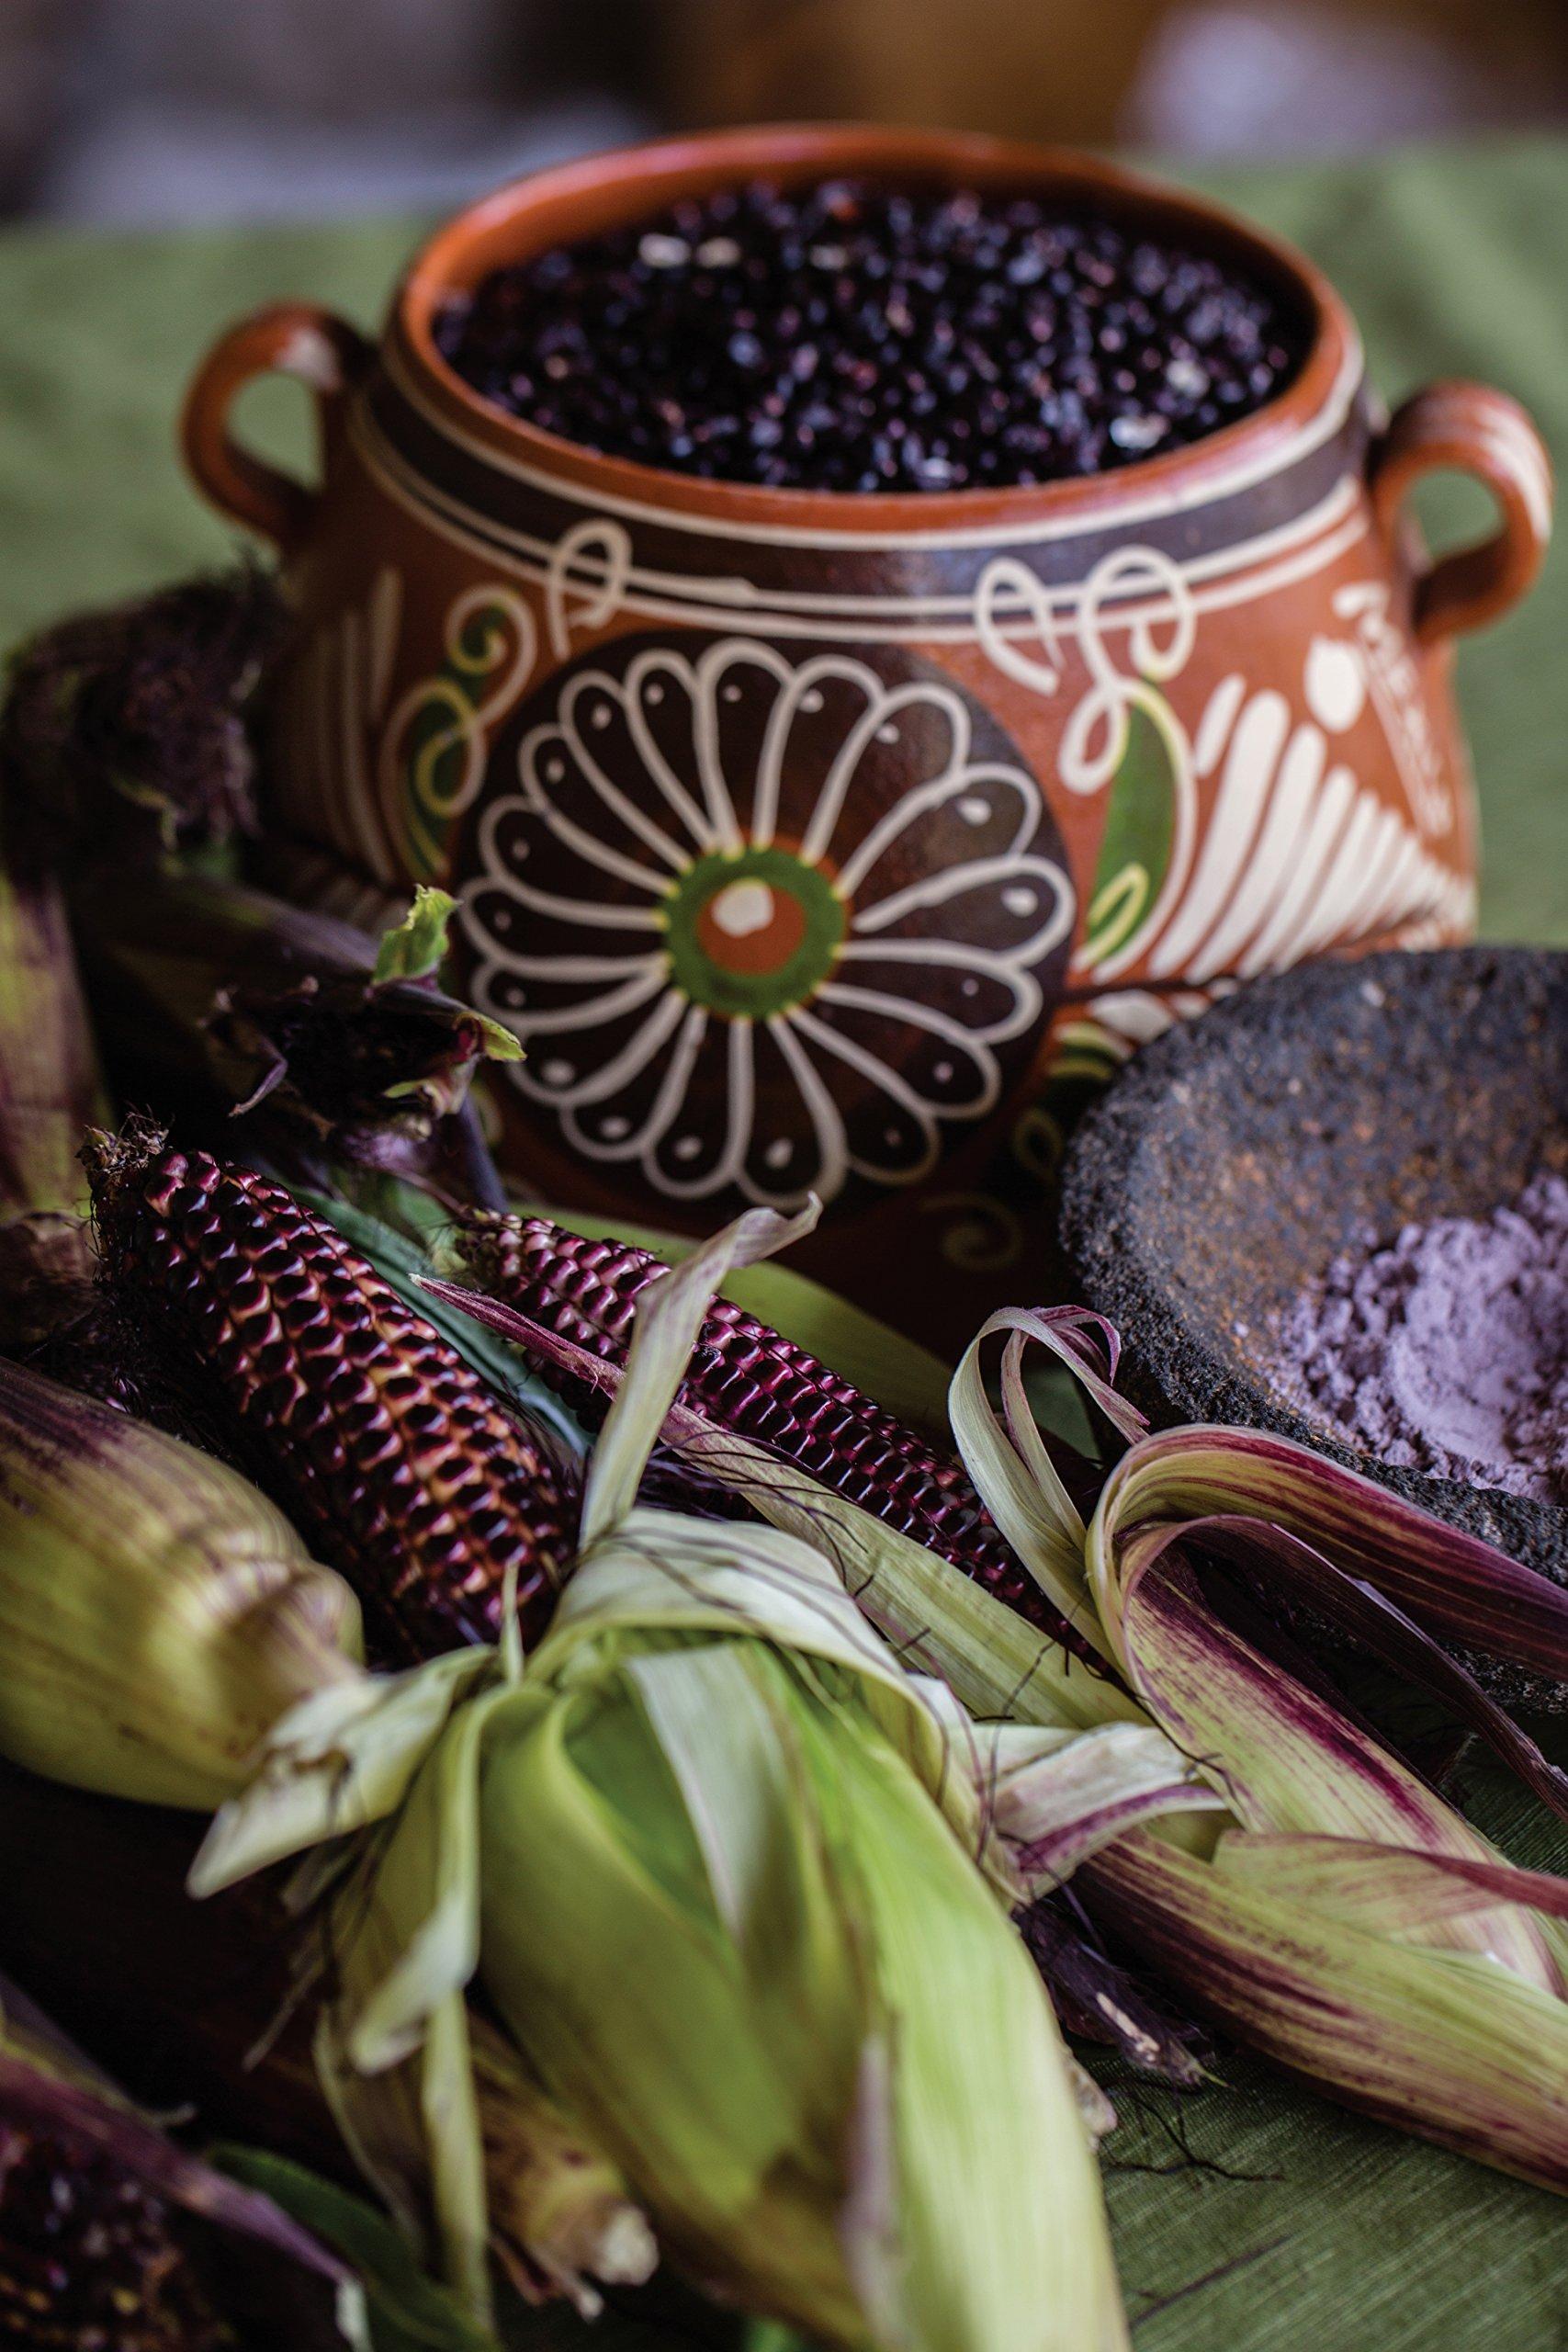 Burpee Suntava Full Season Purple Sweet Corn Seeds 300 seeds by Burpee (Image #4)